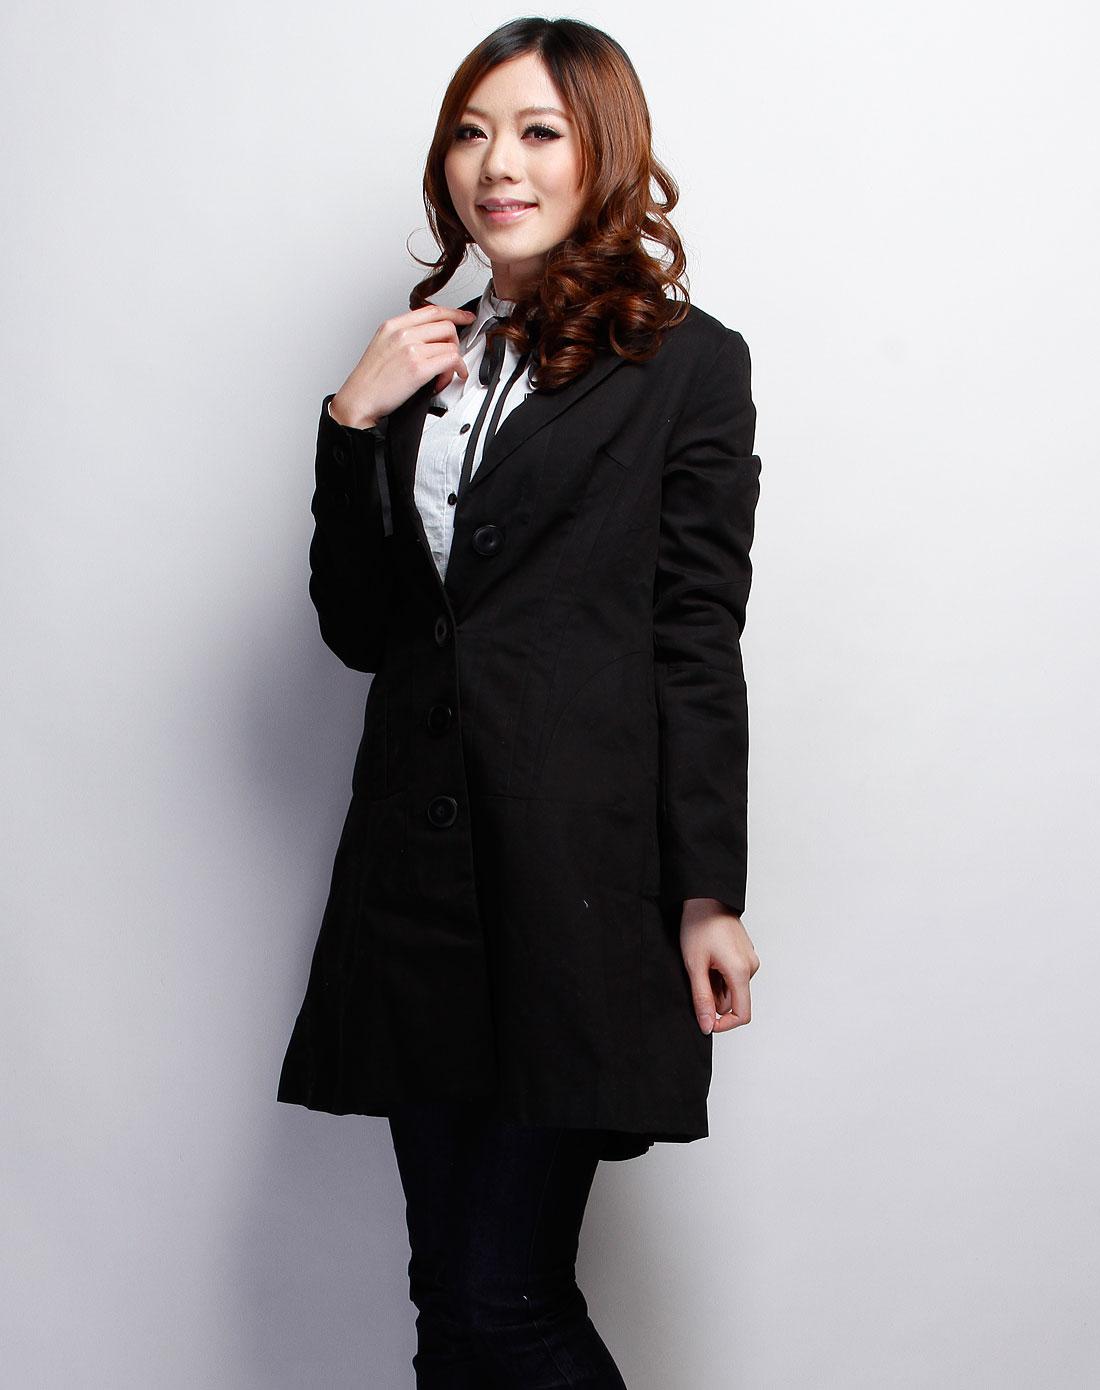 女西装外套_女西装外套中长款黑色质量比较好 网上专卖